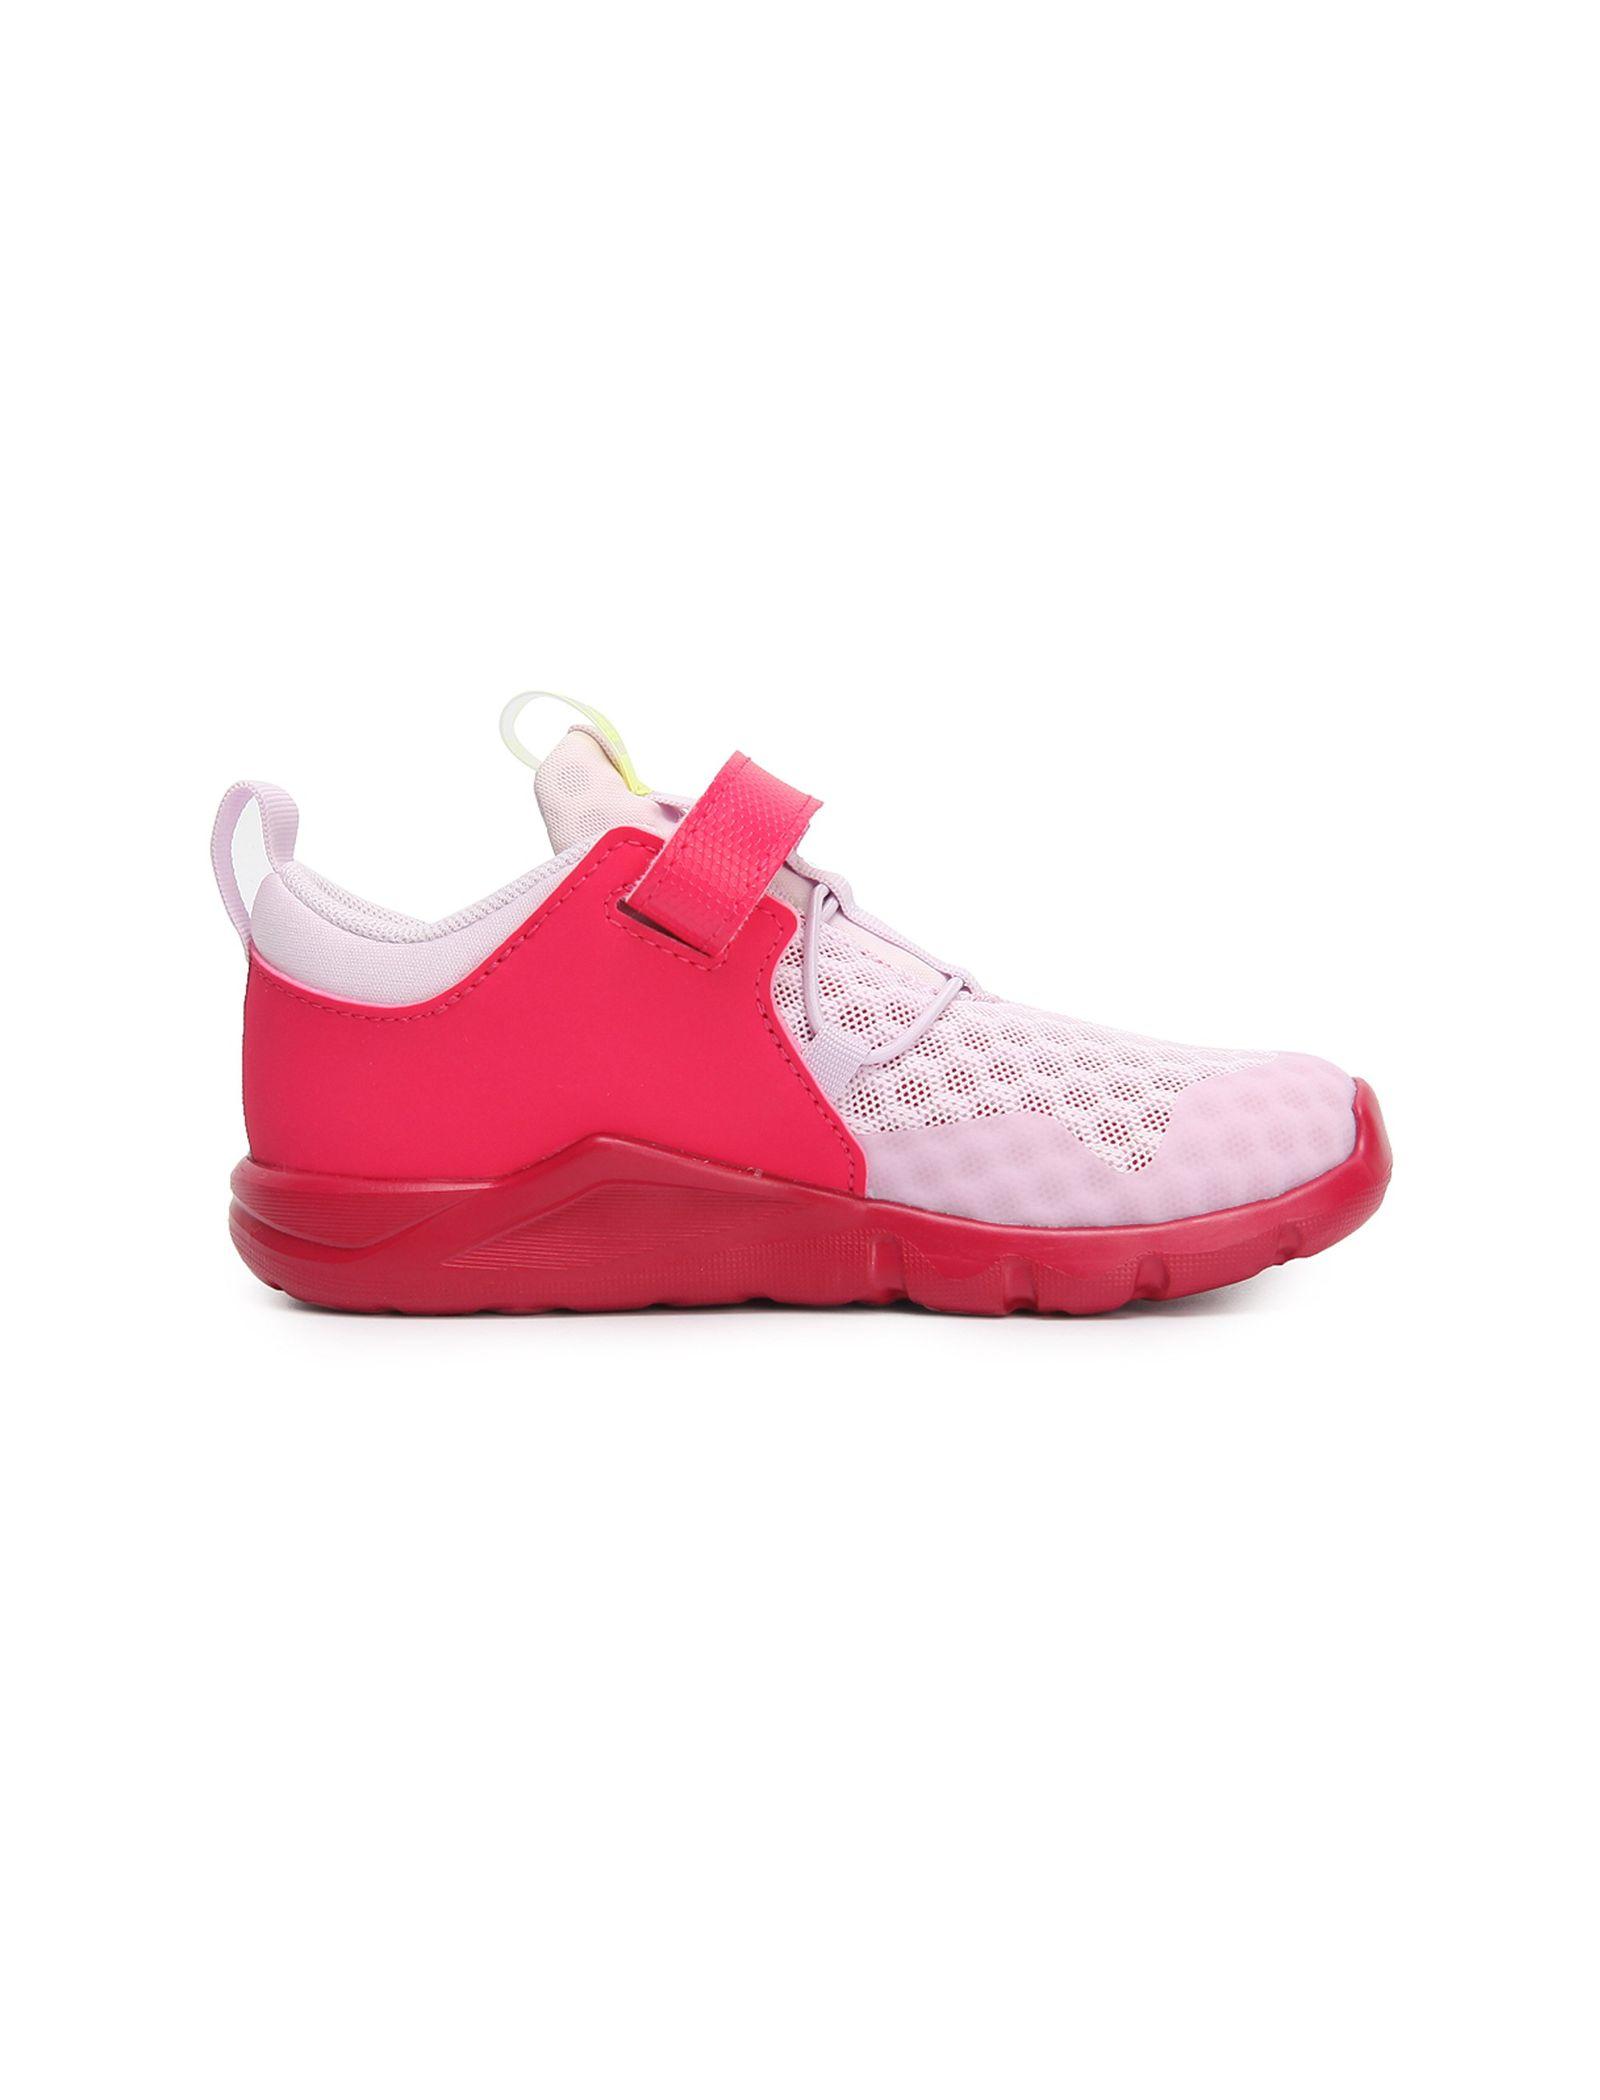 کفش تمرین چسبی دخترانه RapidaFlex 2 - آدیداس - قرمز - 1